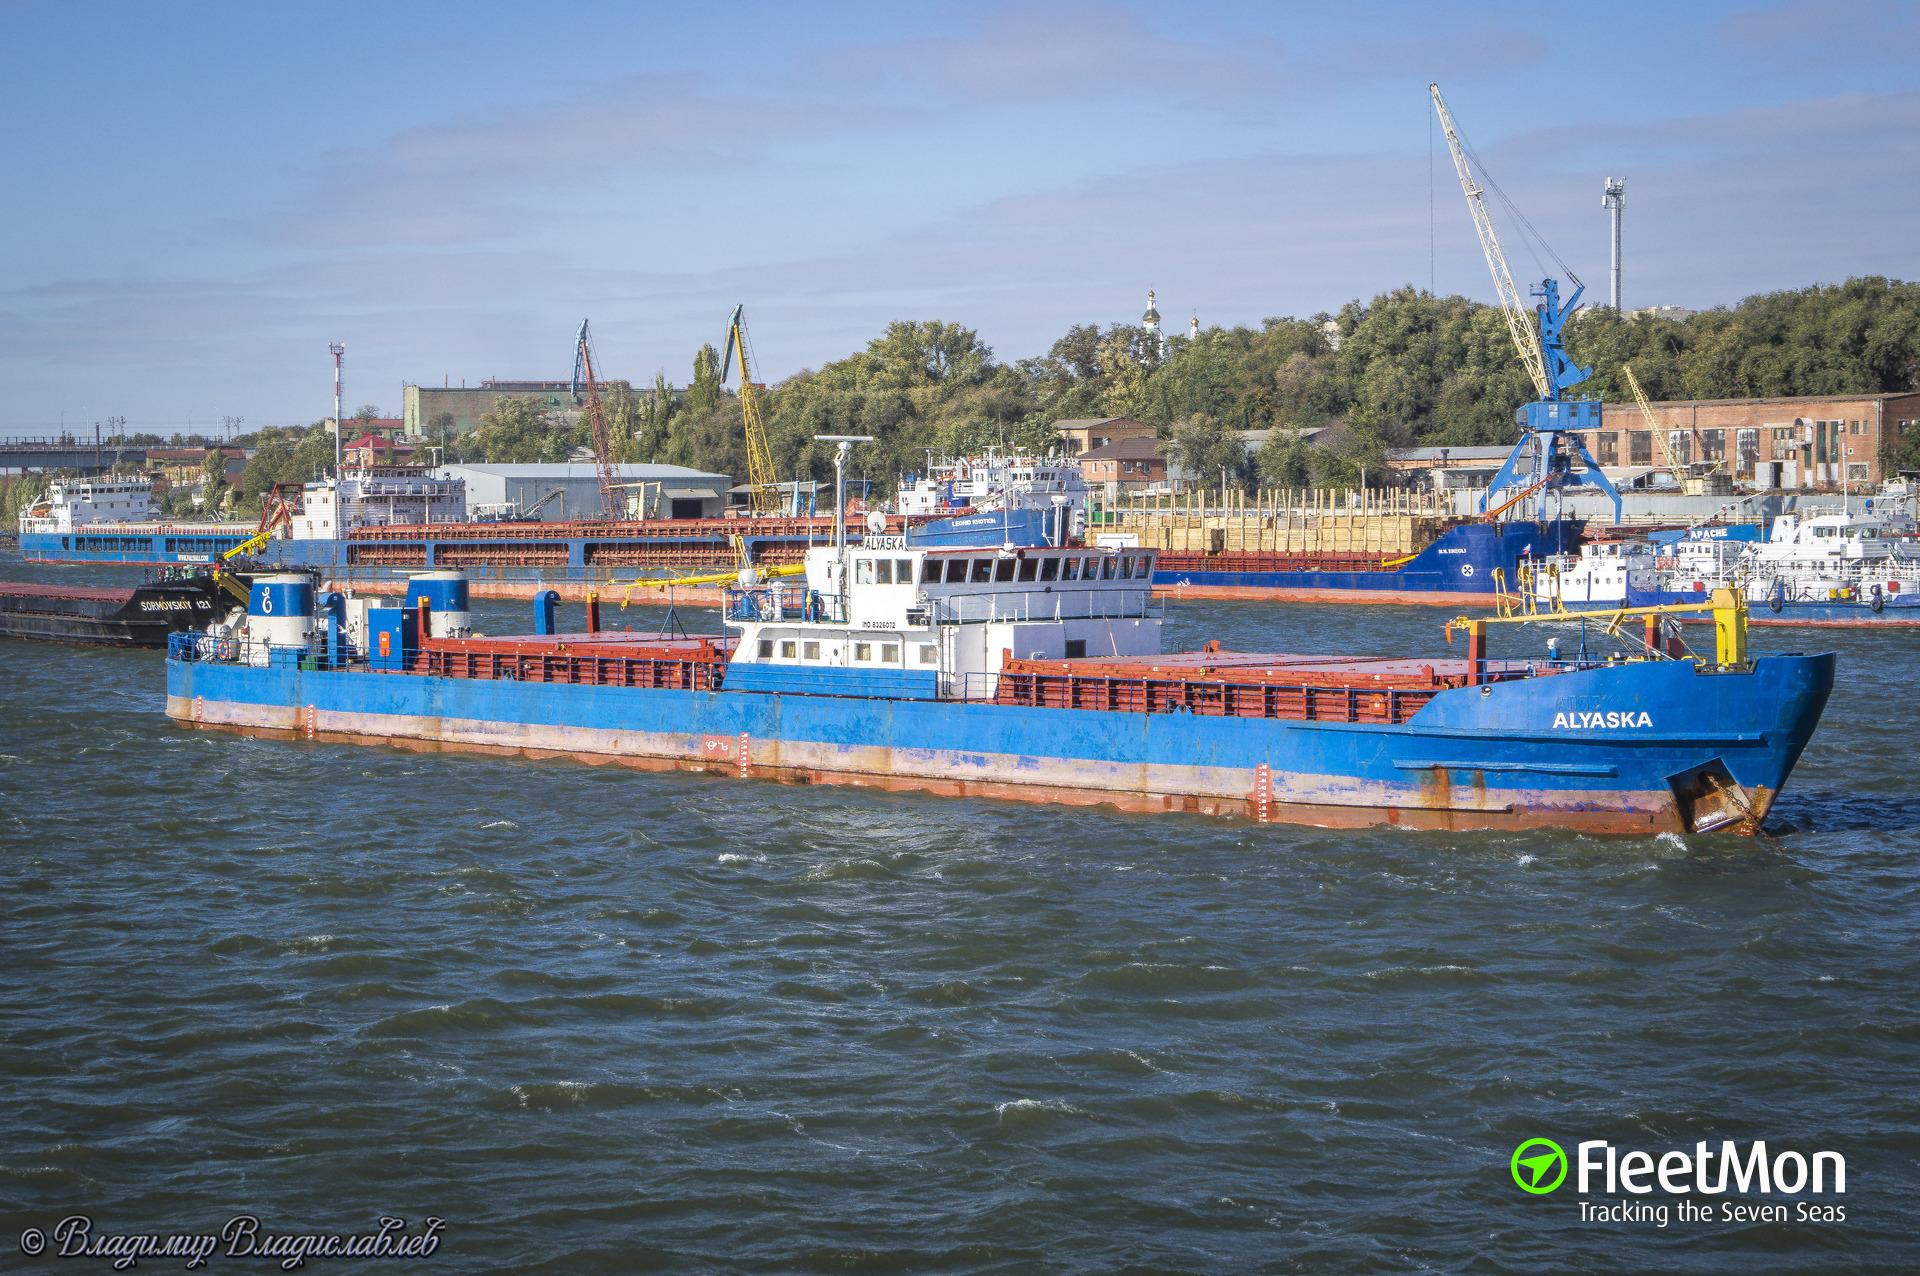 ALYASKA aground in Taganrog Bay, Azov sea